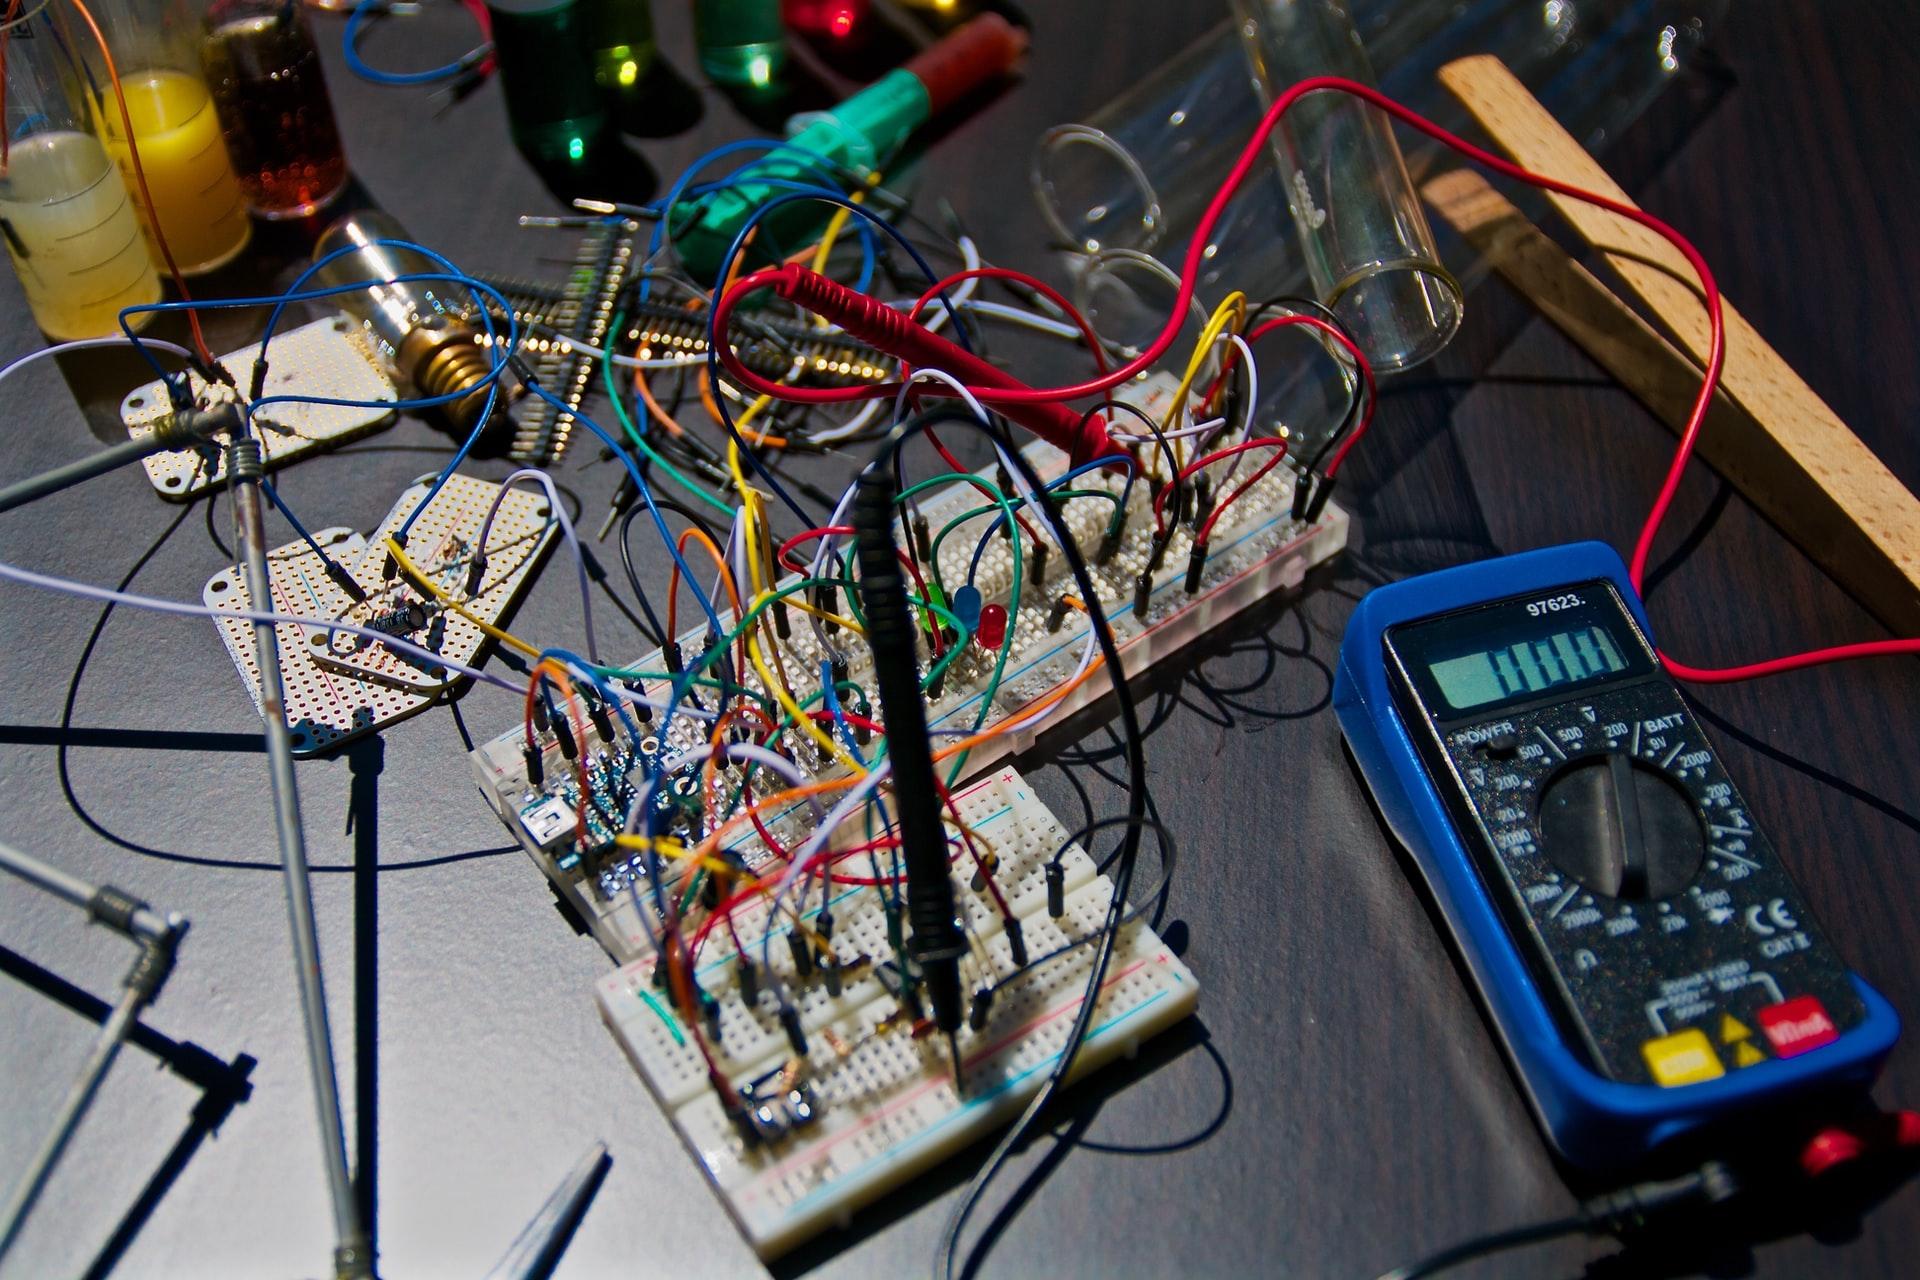 nicolas thomas 3GZi6OpSDcY unsplash - Sjove eksperimenter og aktiviteter om elektricitet for børn